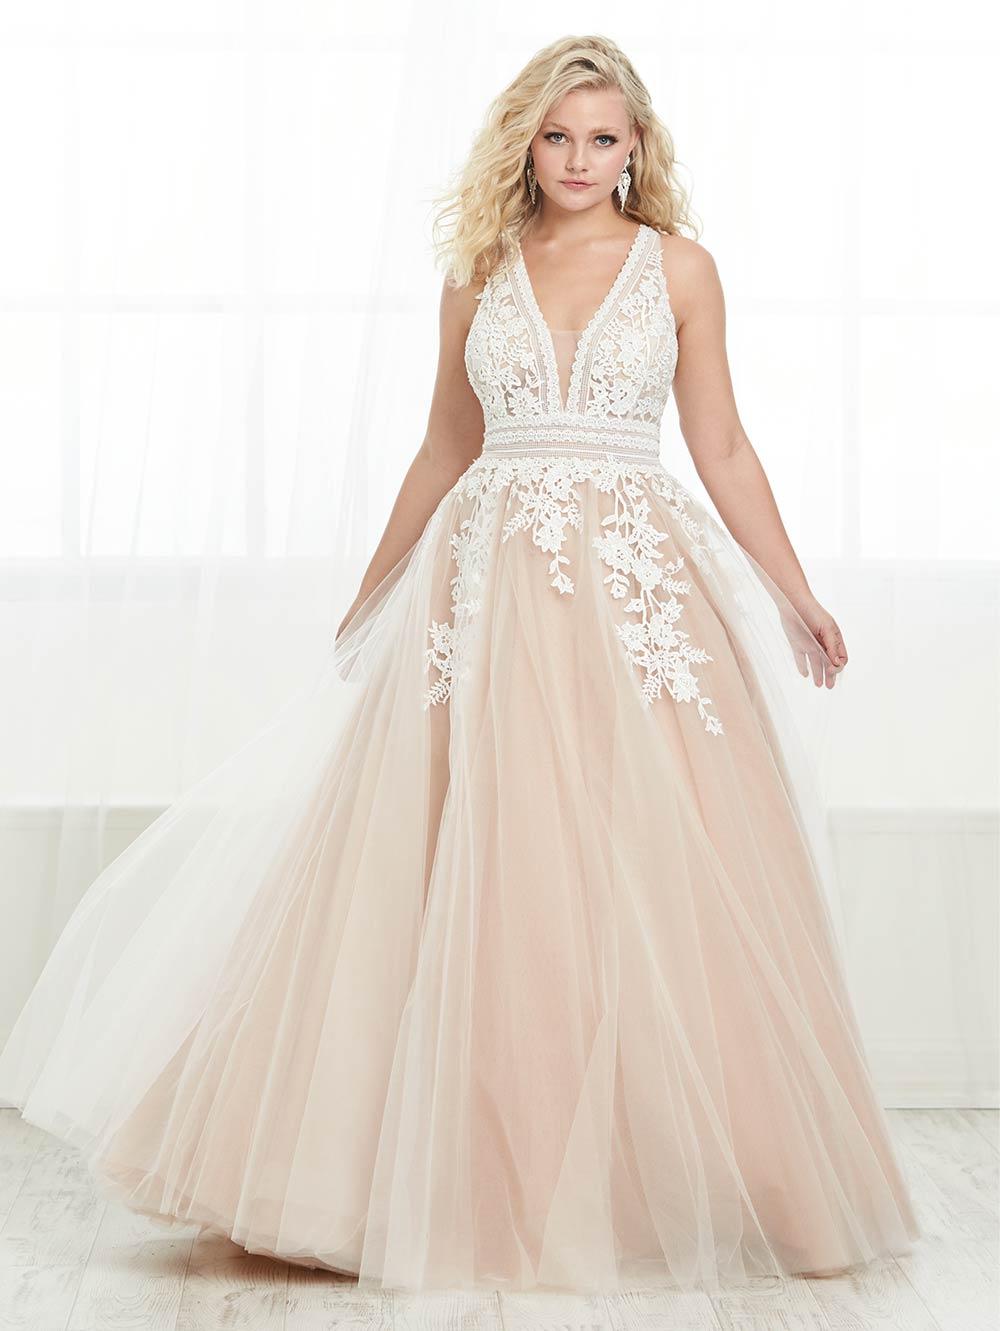 prom-dresses-jacquelin-bridals-canada-27682